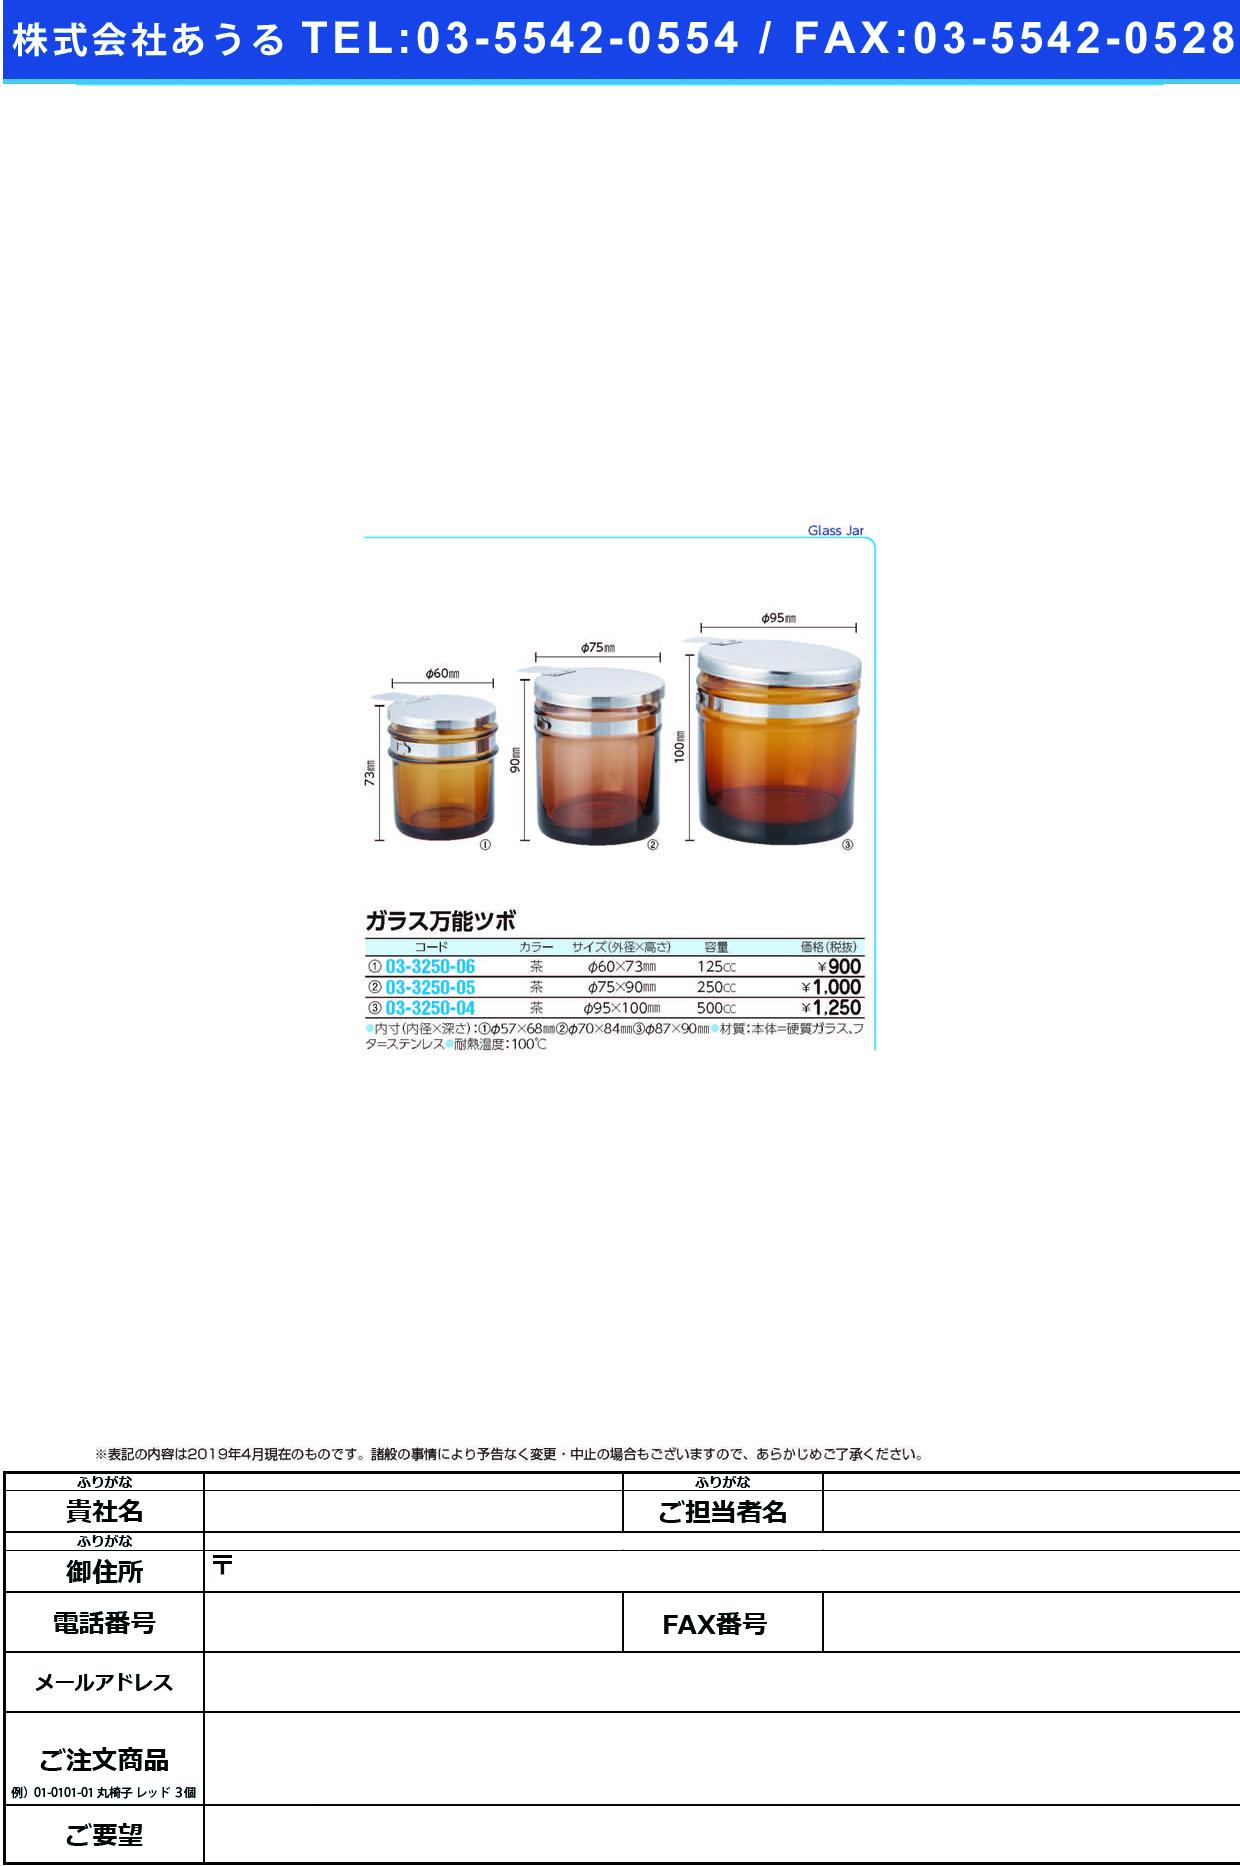 (03-3250-06)ガラス万能ツボ(茶)125cc 60X73MM(ナイケイ57MM) ガラスバンノウツボチャ125CC【1個単位】【2019年カタログ商品】